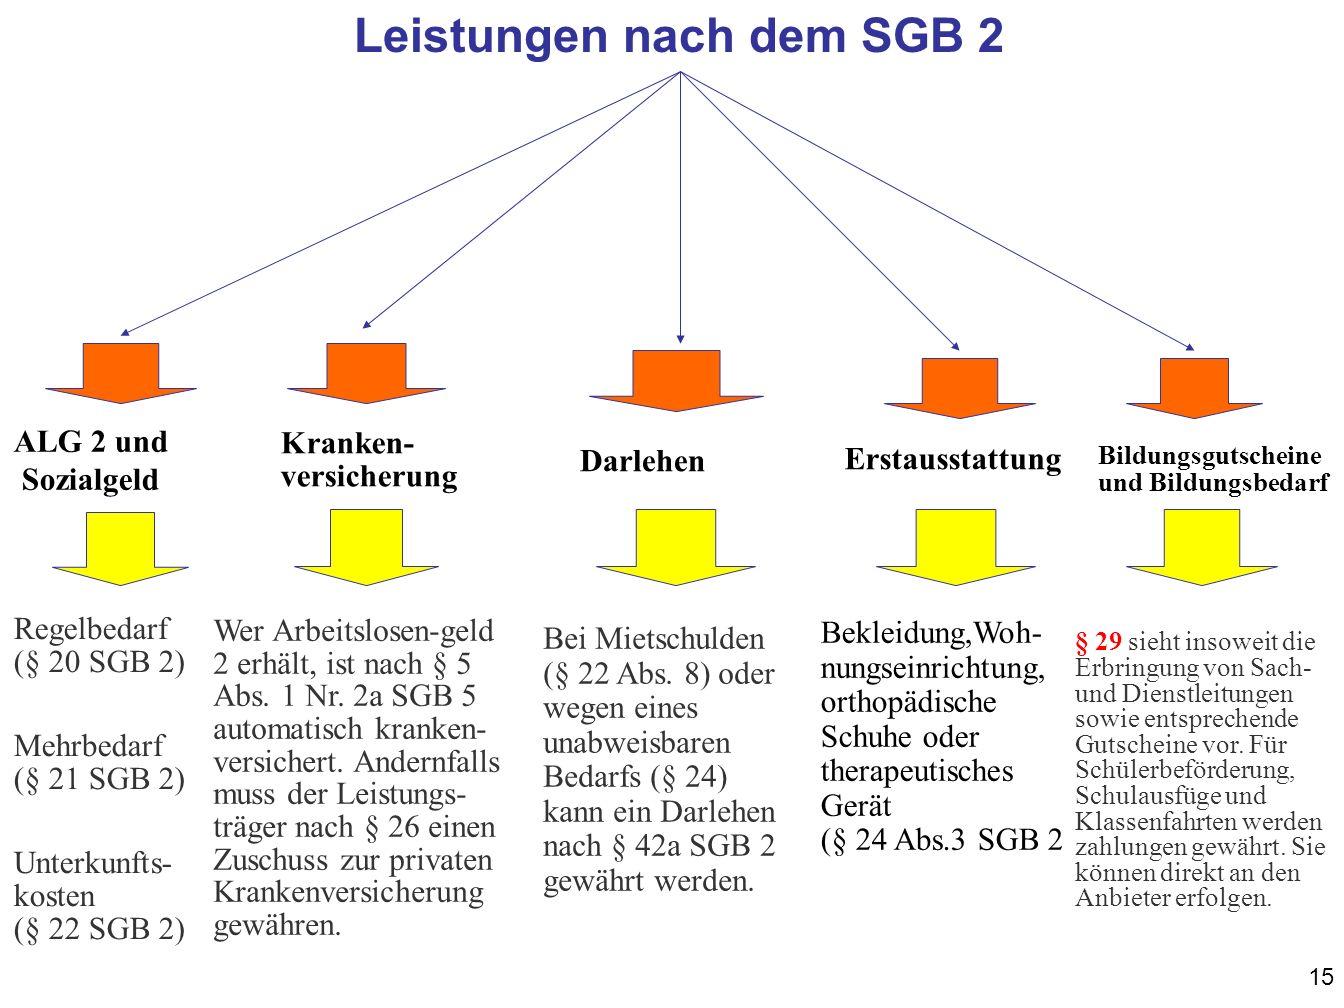 Leistungen nach dem SGB 2